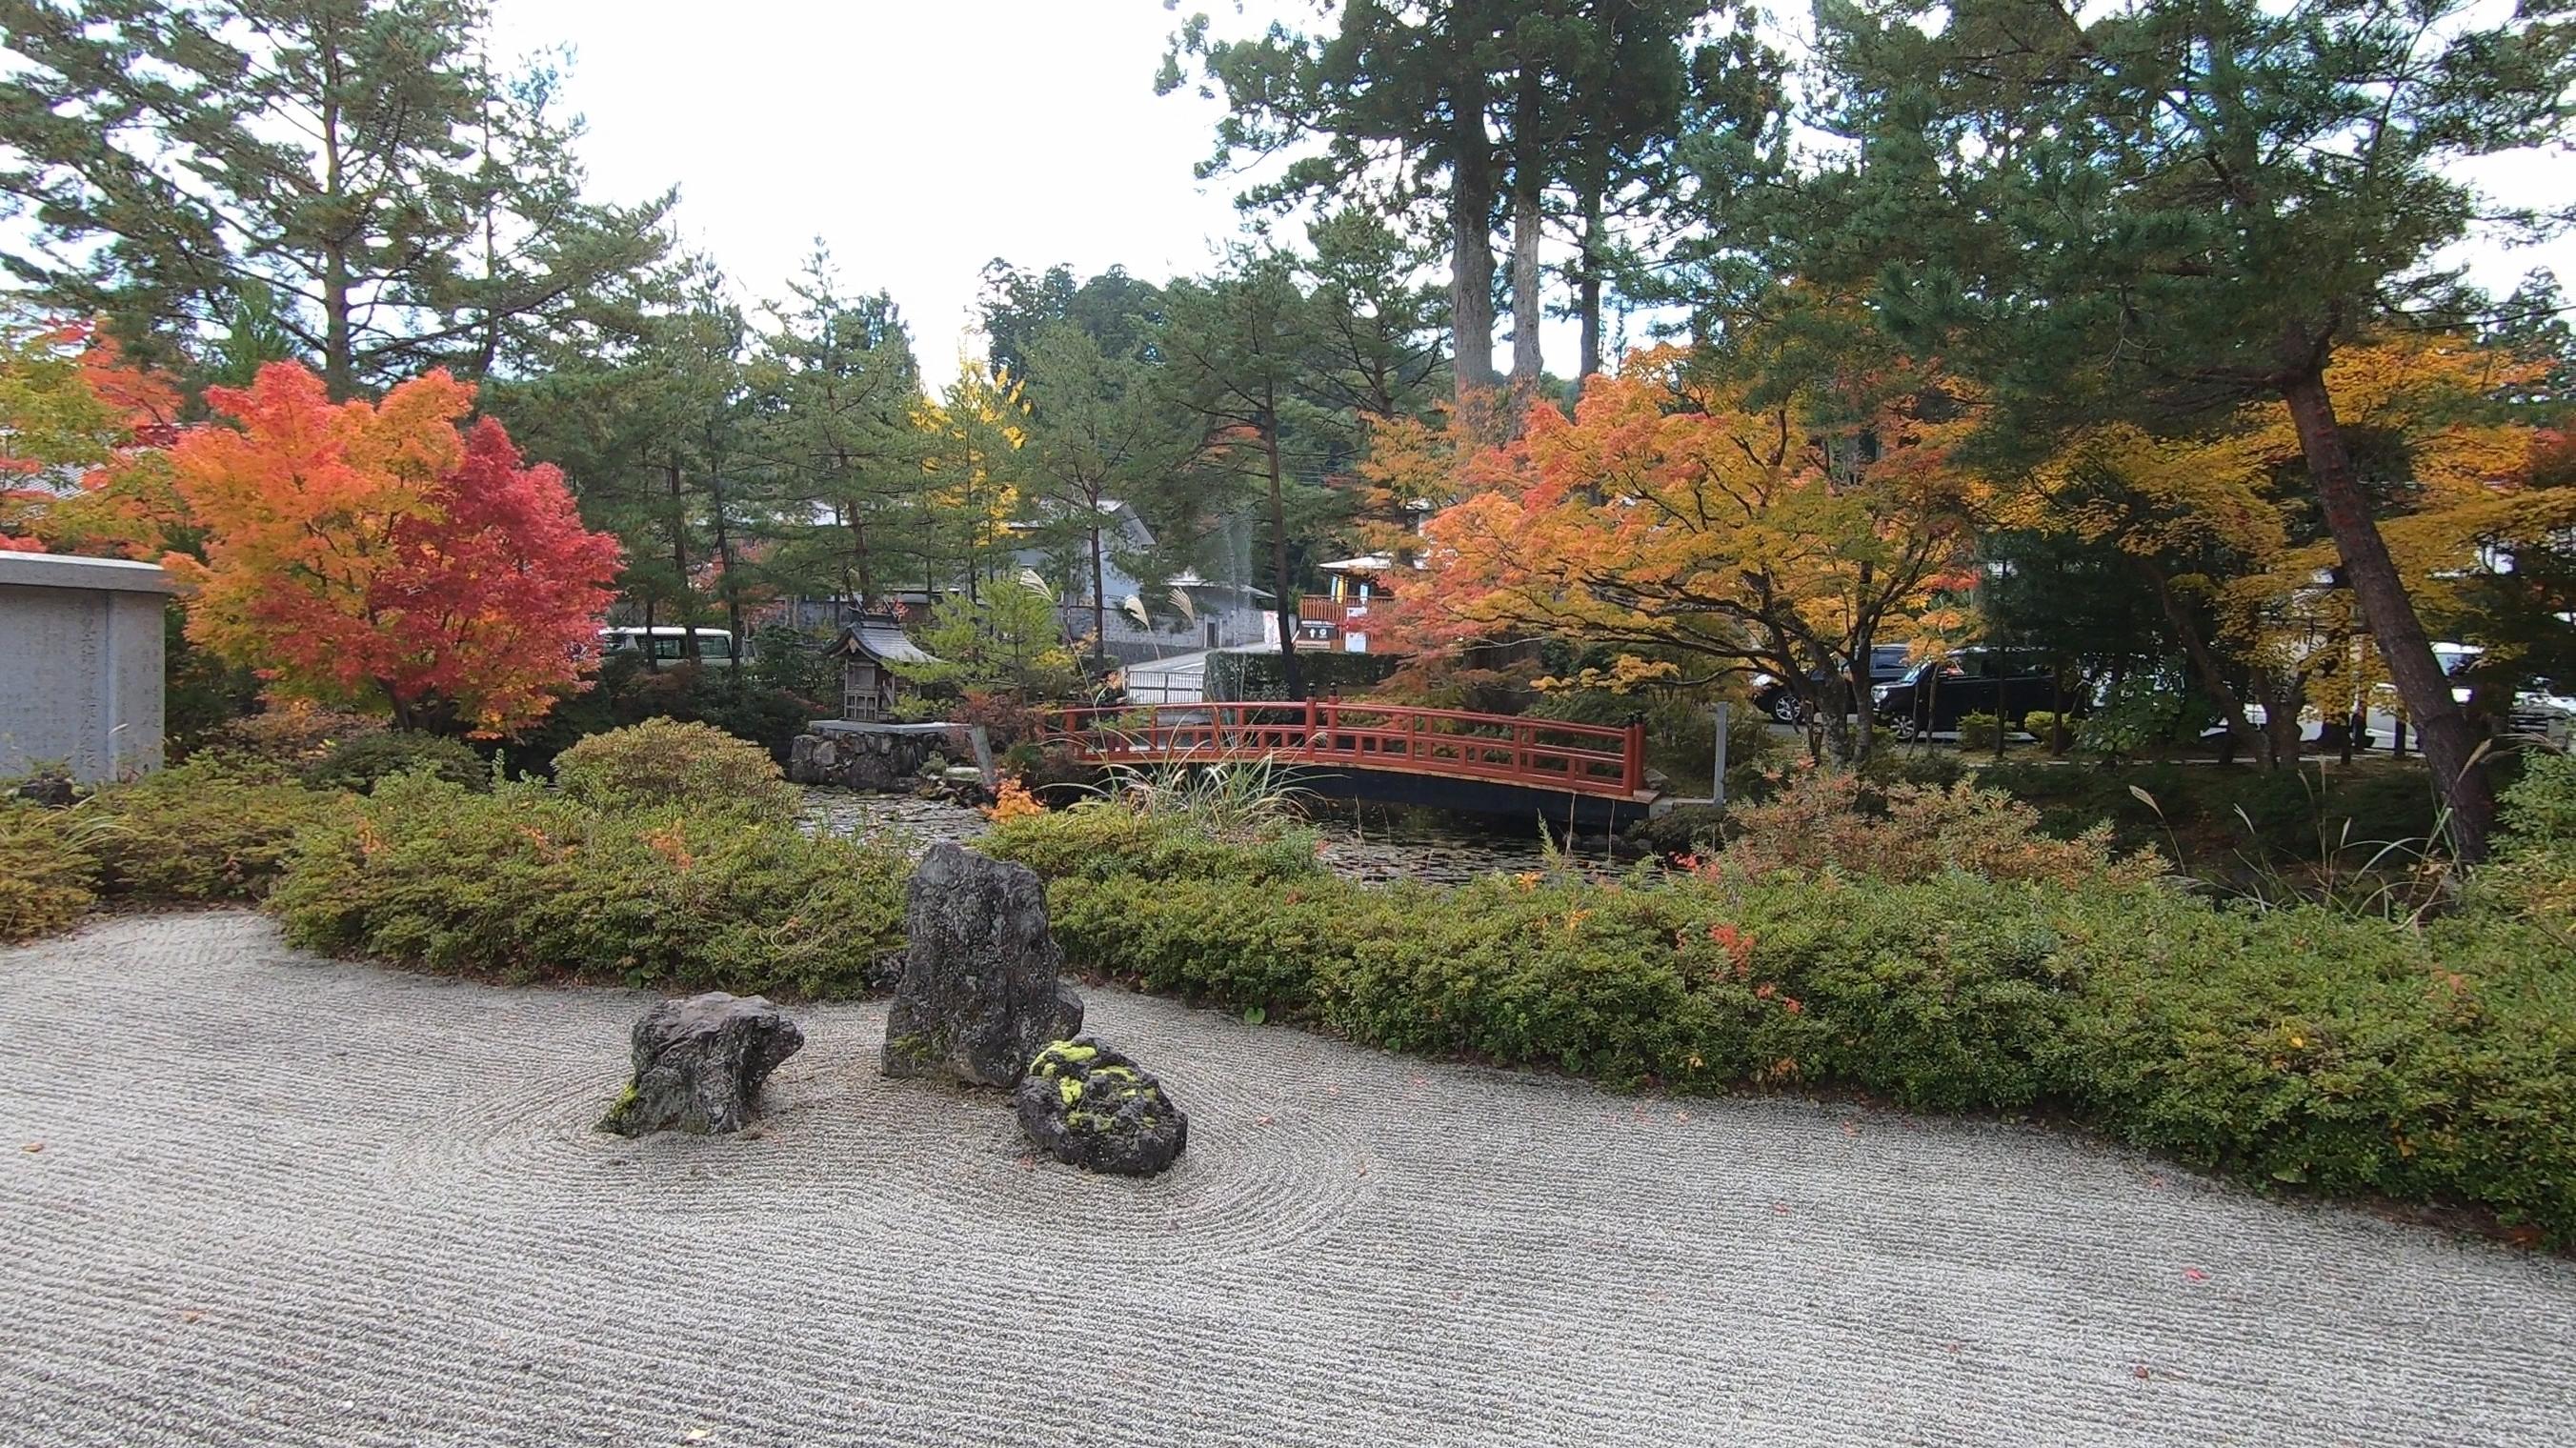 GH011839-2 関西でいち早く紅葉に染まる高野山へカメラ旅!